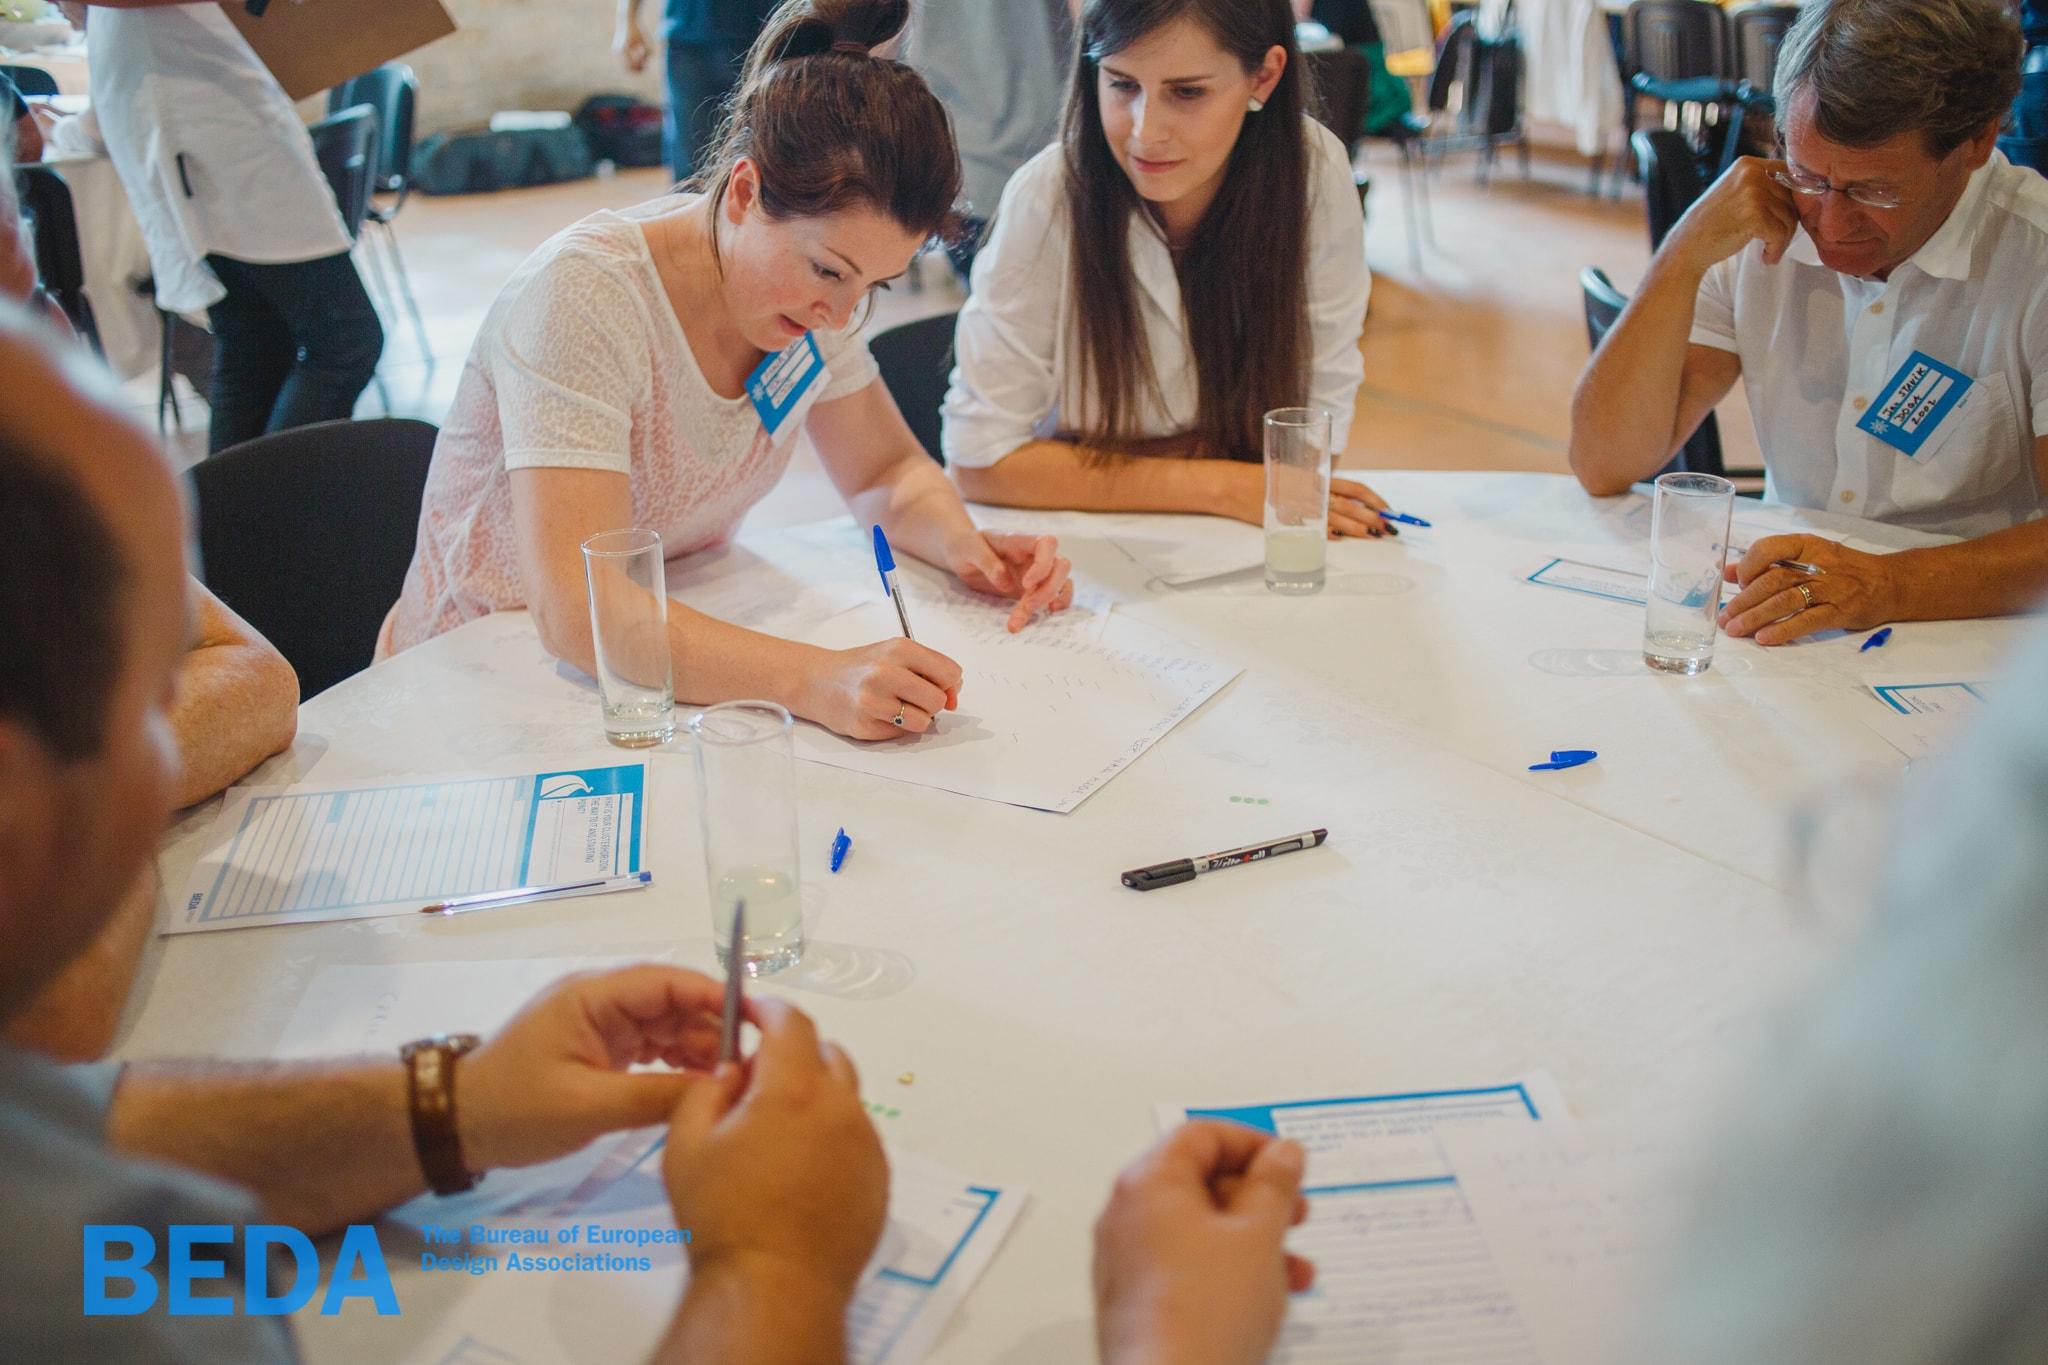 BEDA European Design Forum – 8 June 2017 Vilnius